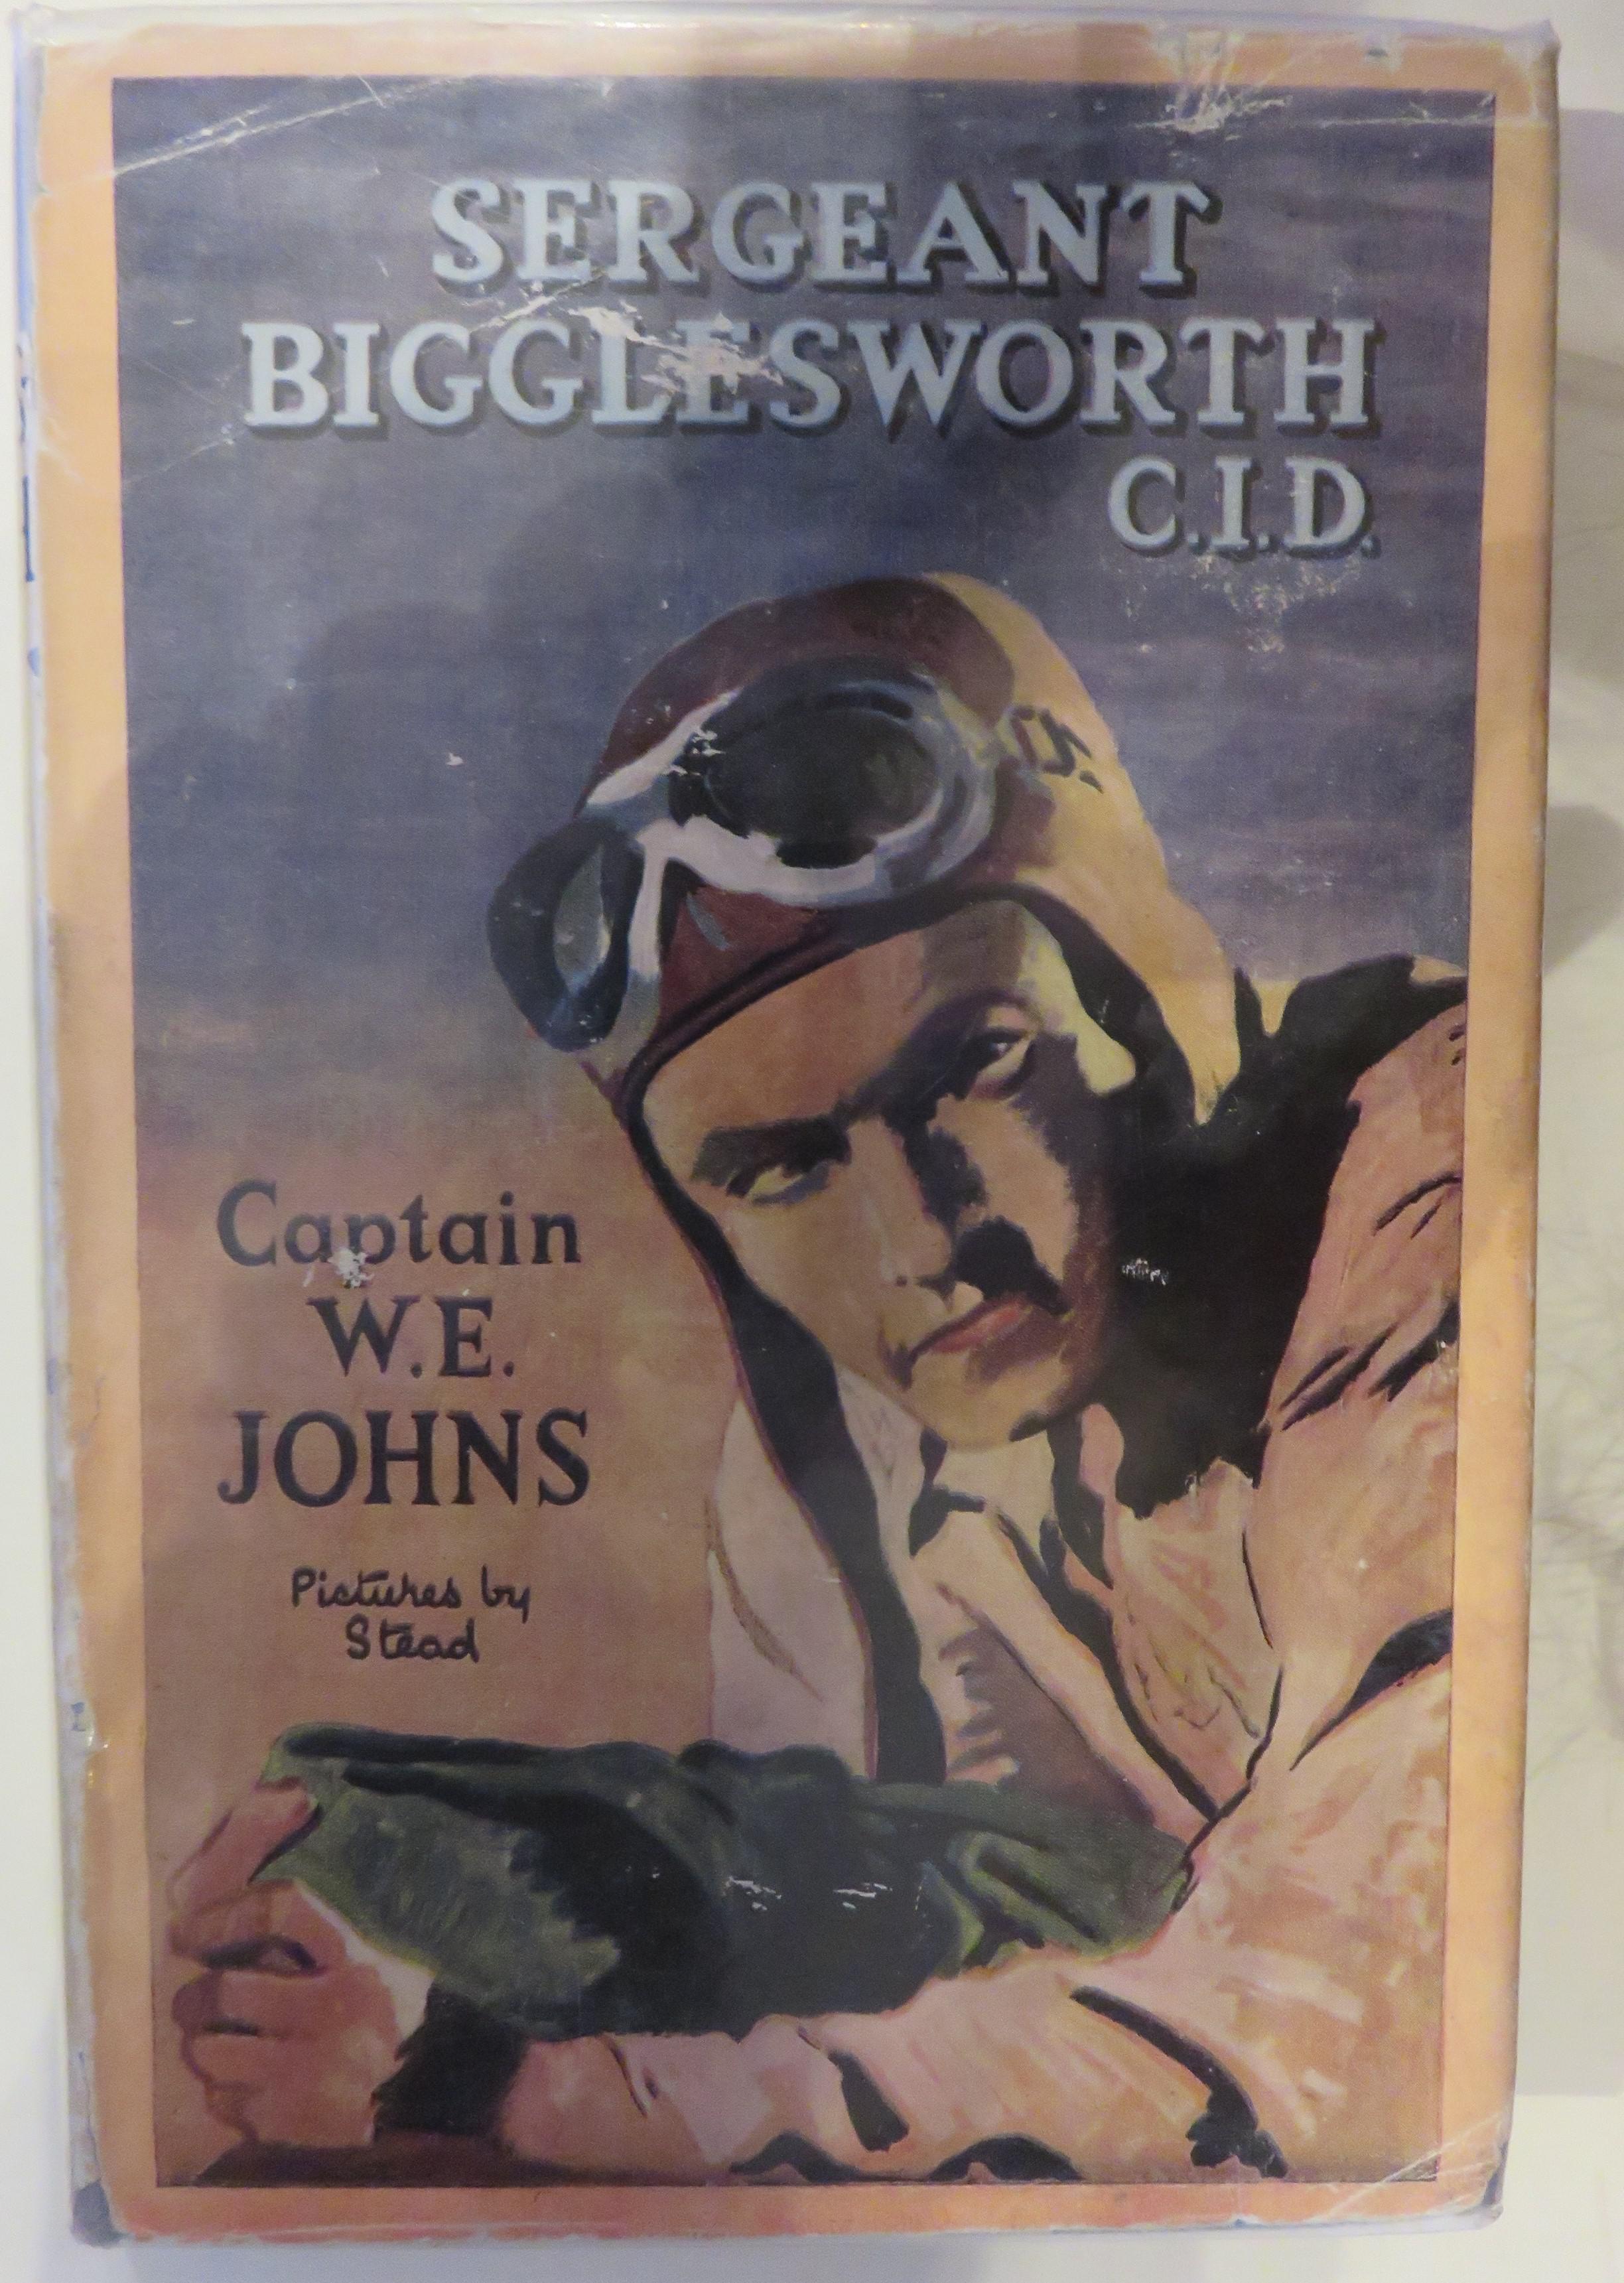 Sergeant Bigglesworth C.I.D